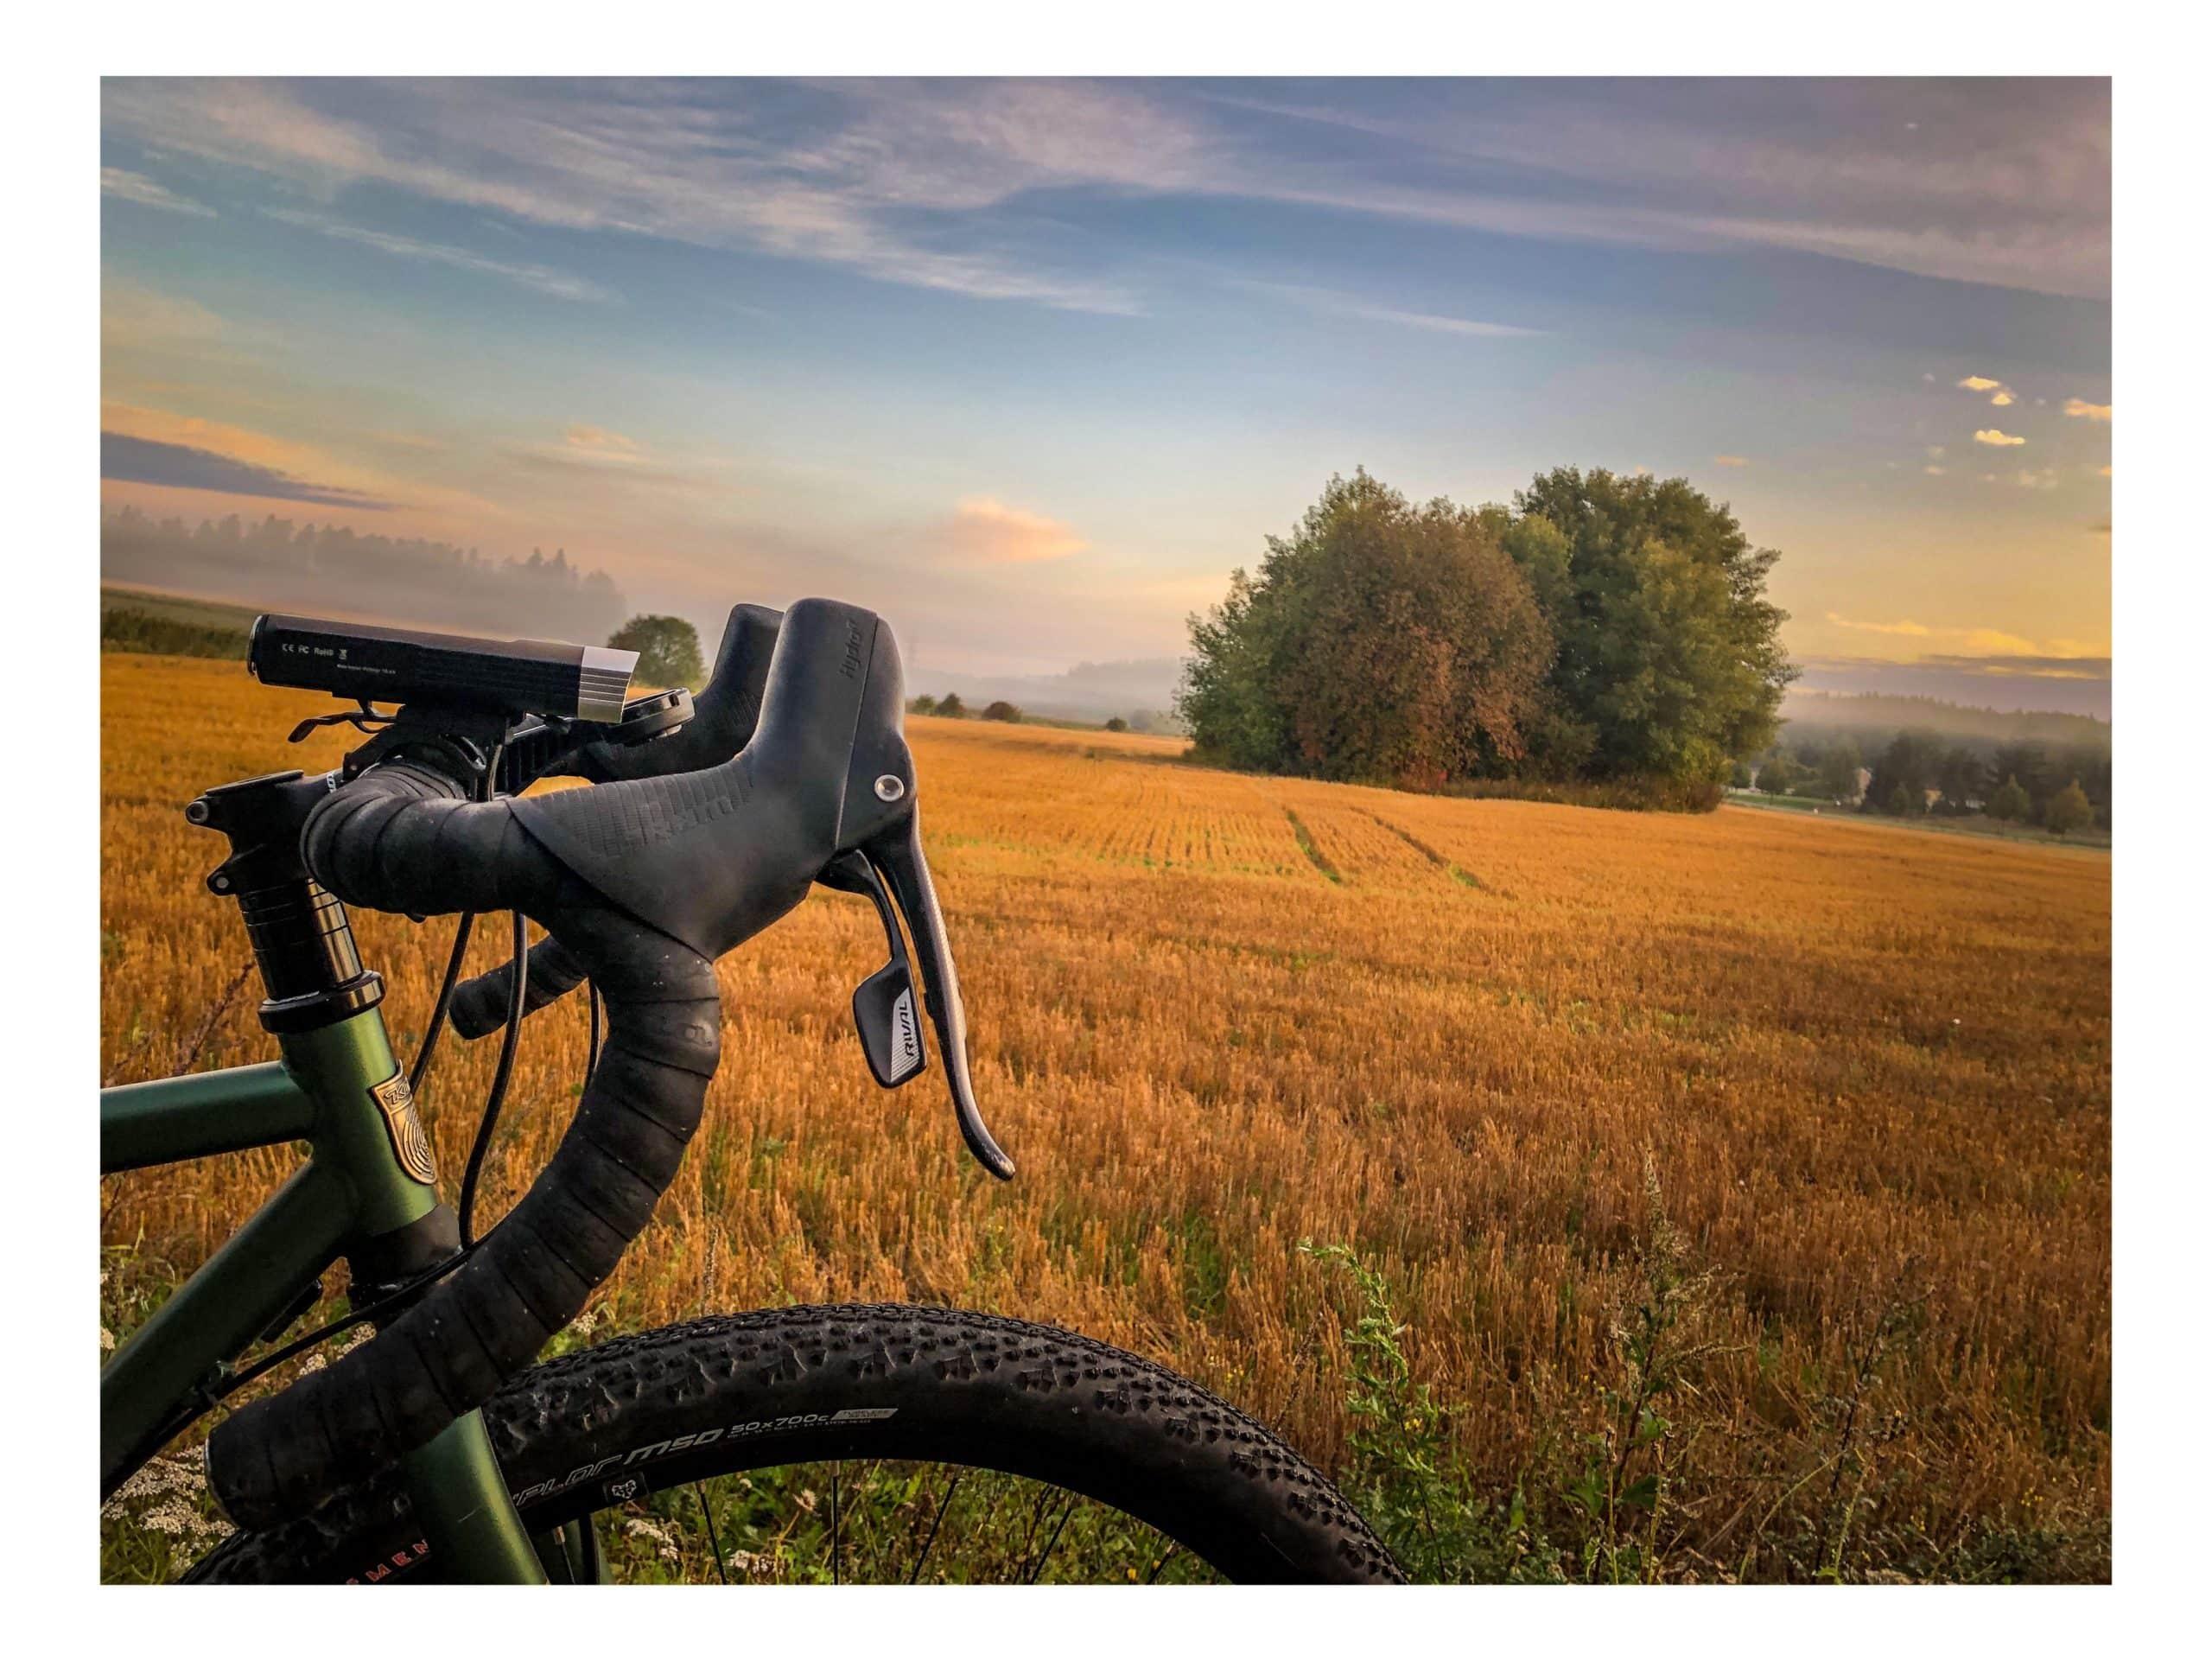 Polkupyörän pesu on tärkein pyörälle tehty huolto